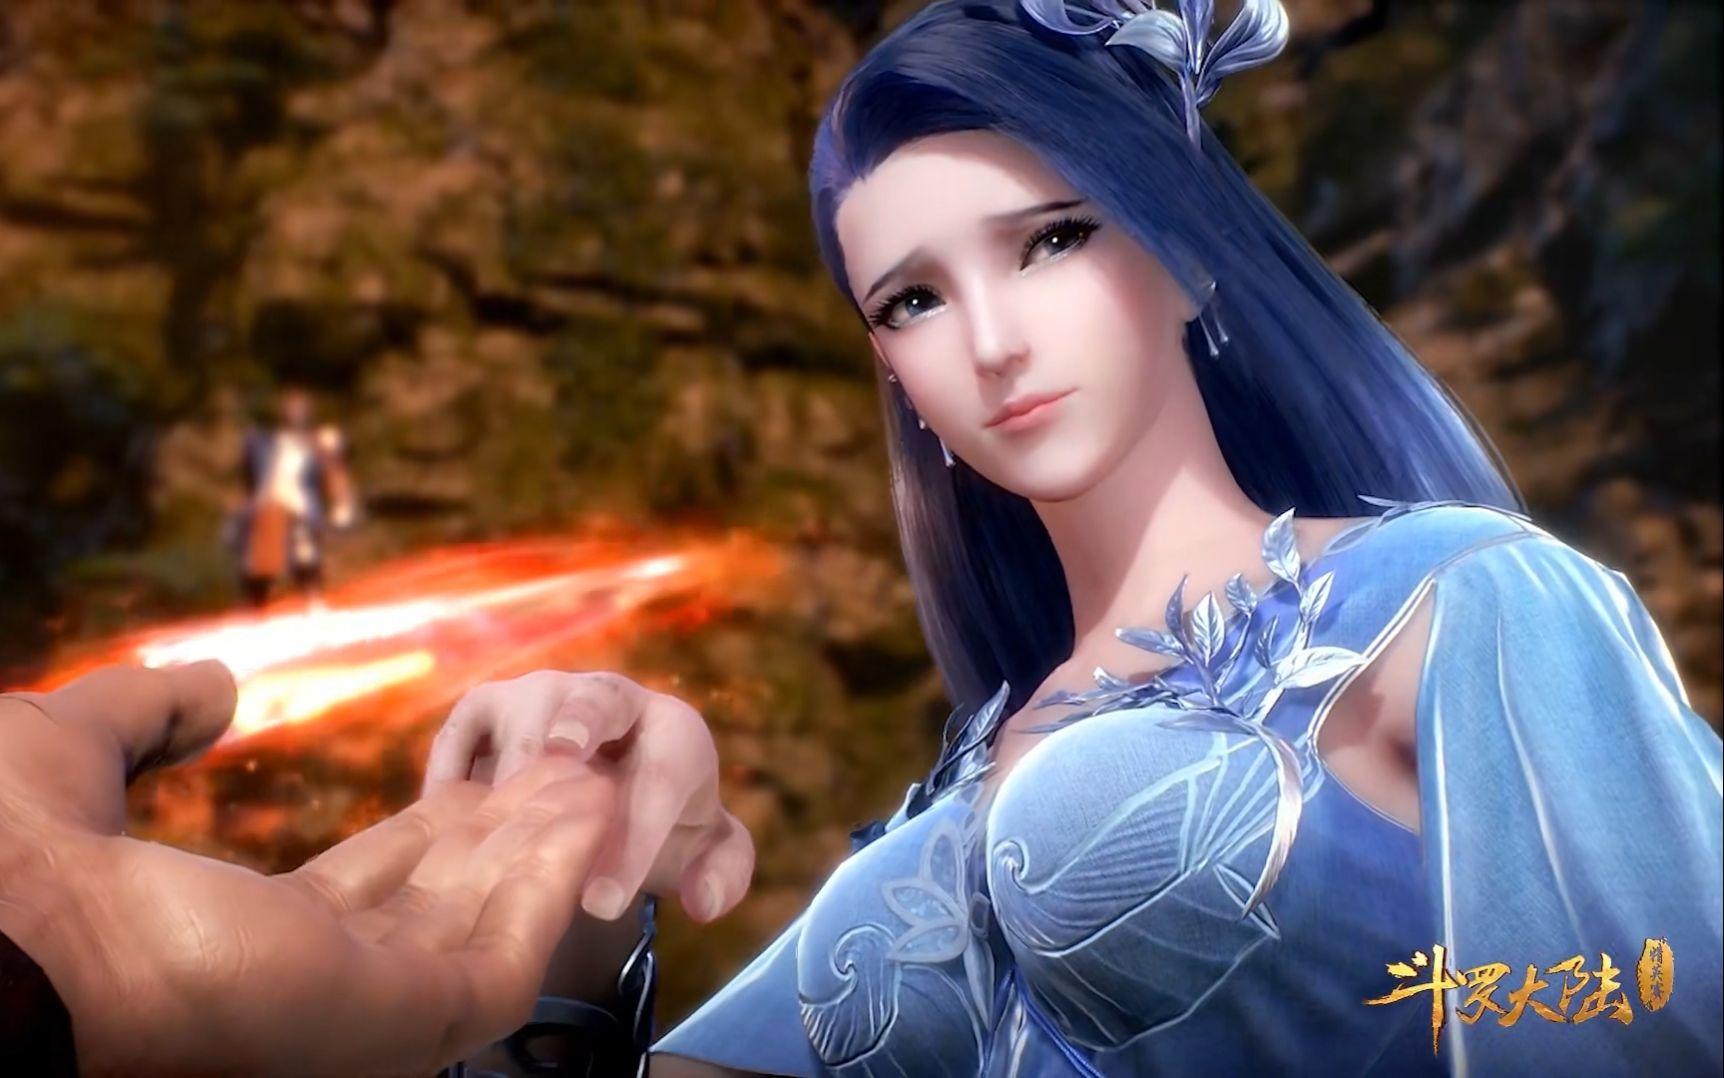 【斗罗大陆】最烧经费的战斗方法,斗罗颜值最高的女子登场!